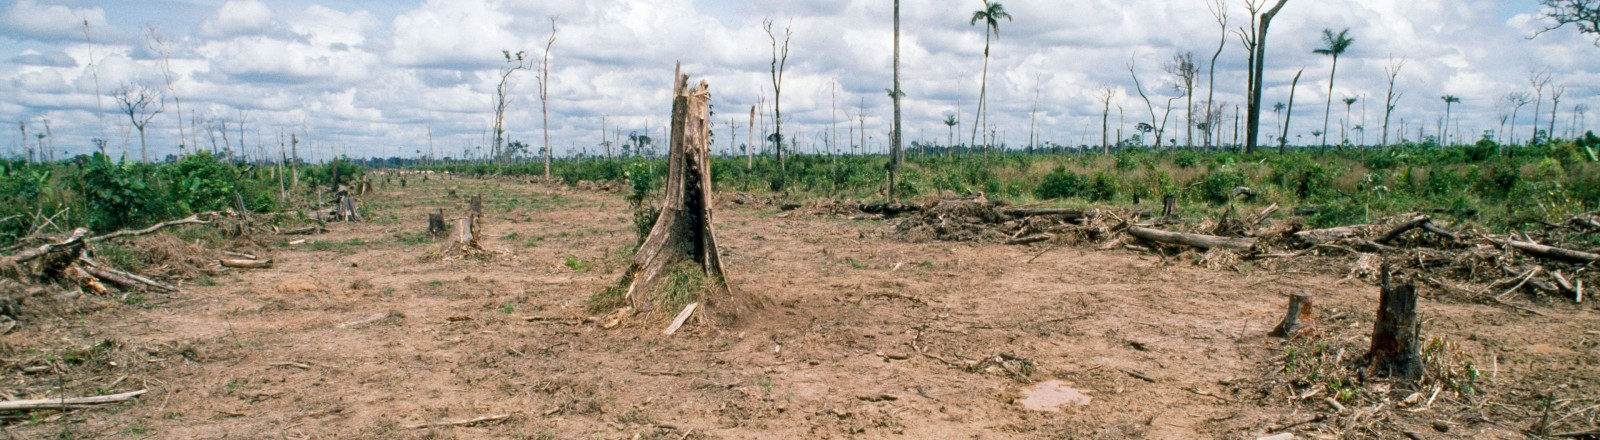 Ein Teil eines abgeholzten Regewaldes in Brasilien